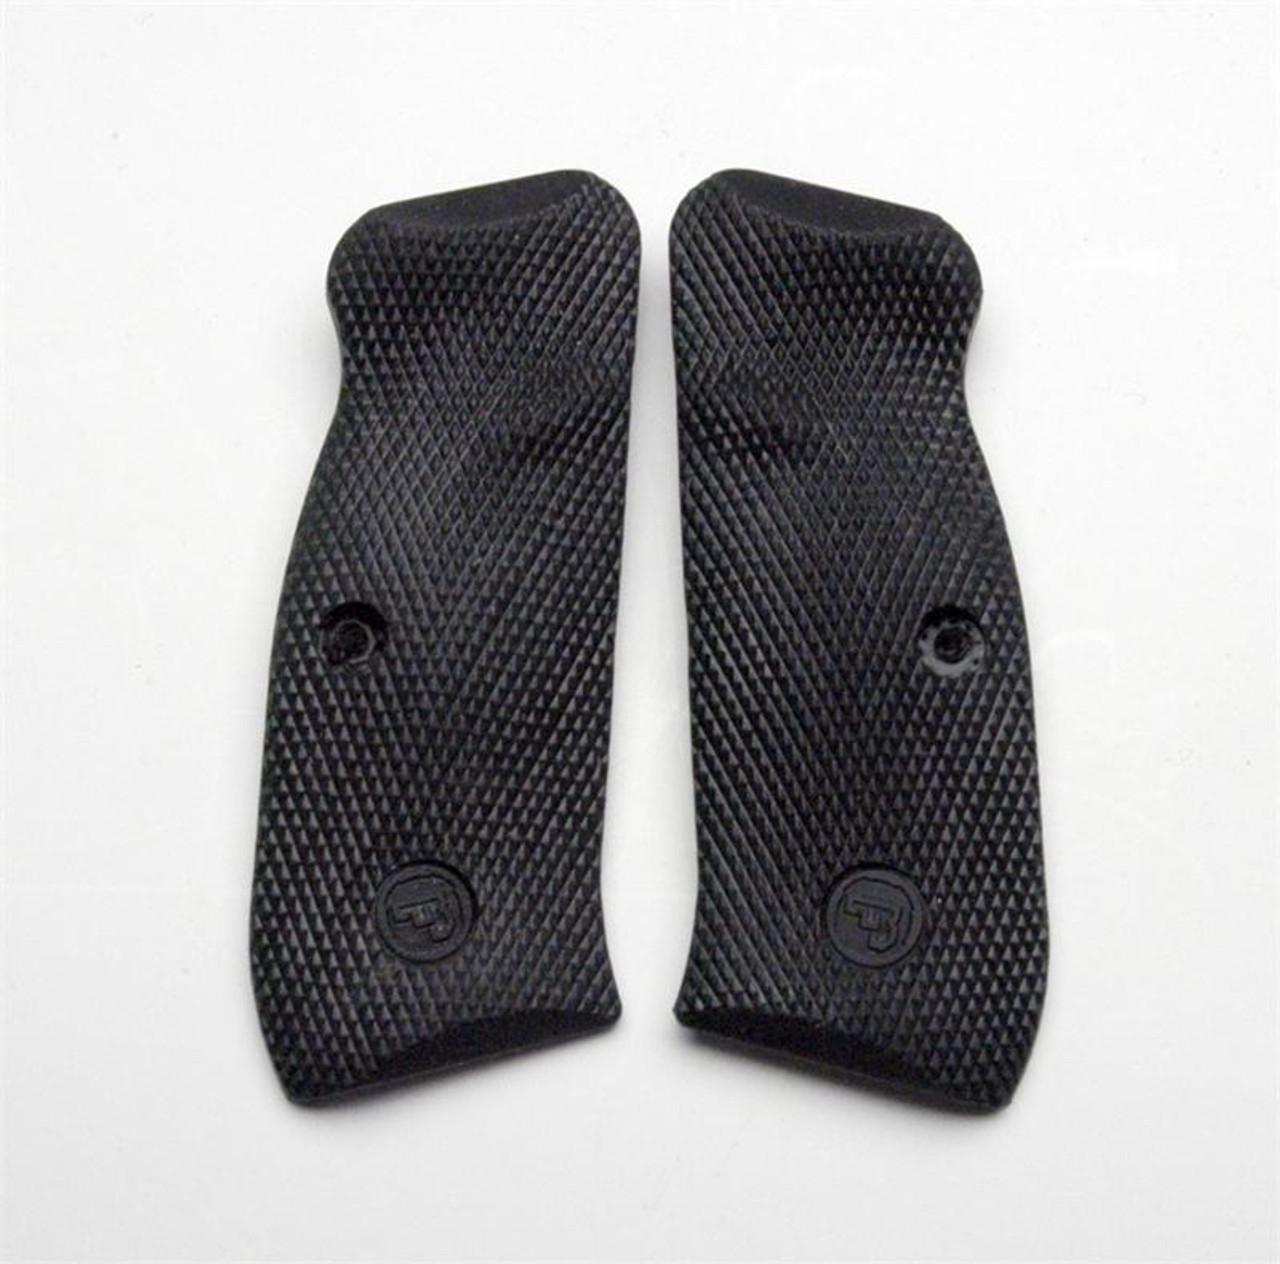 CZ Factory Rubber Grip Set